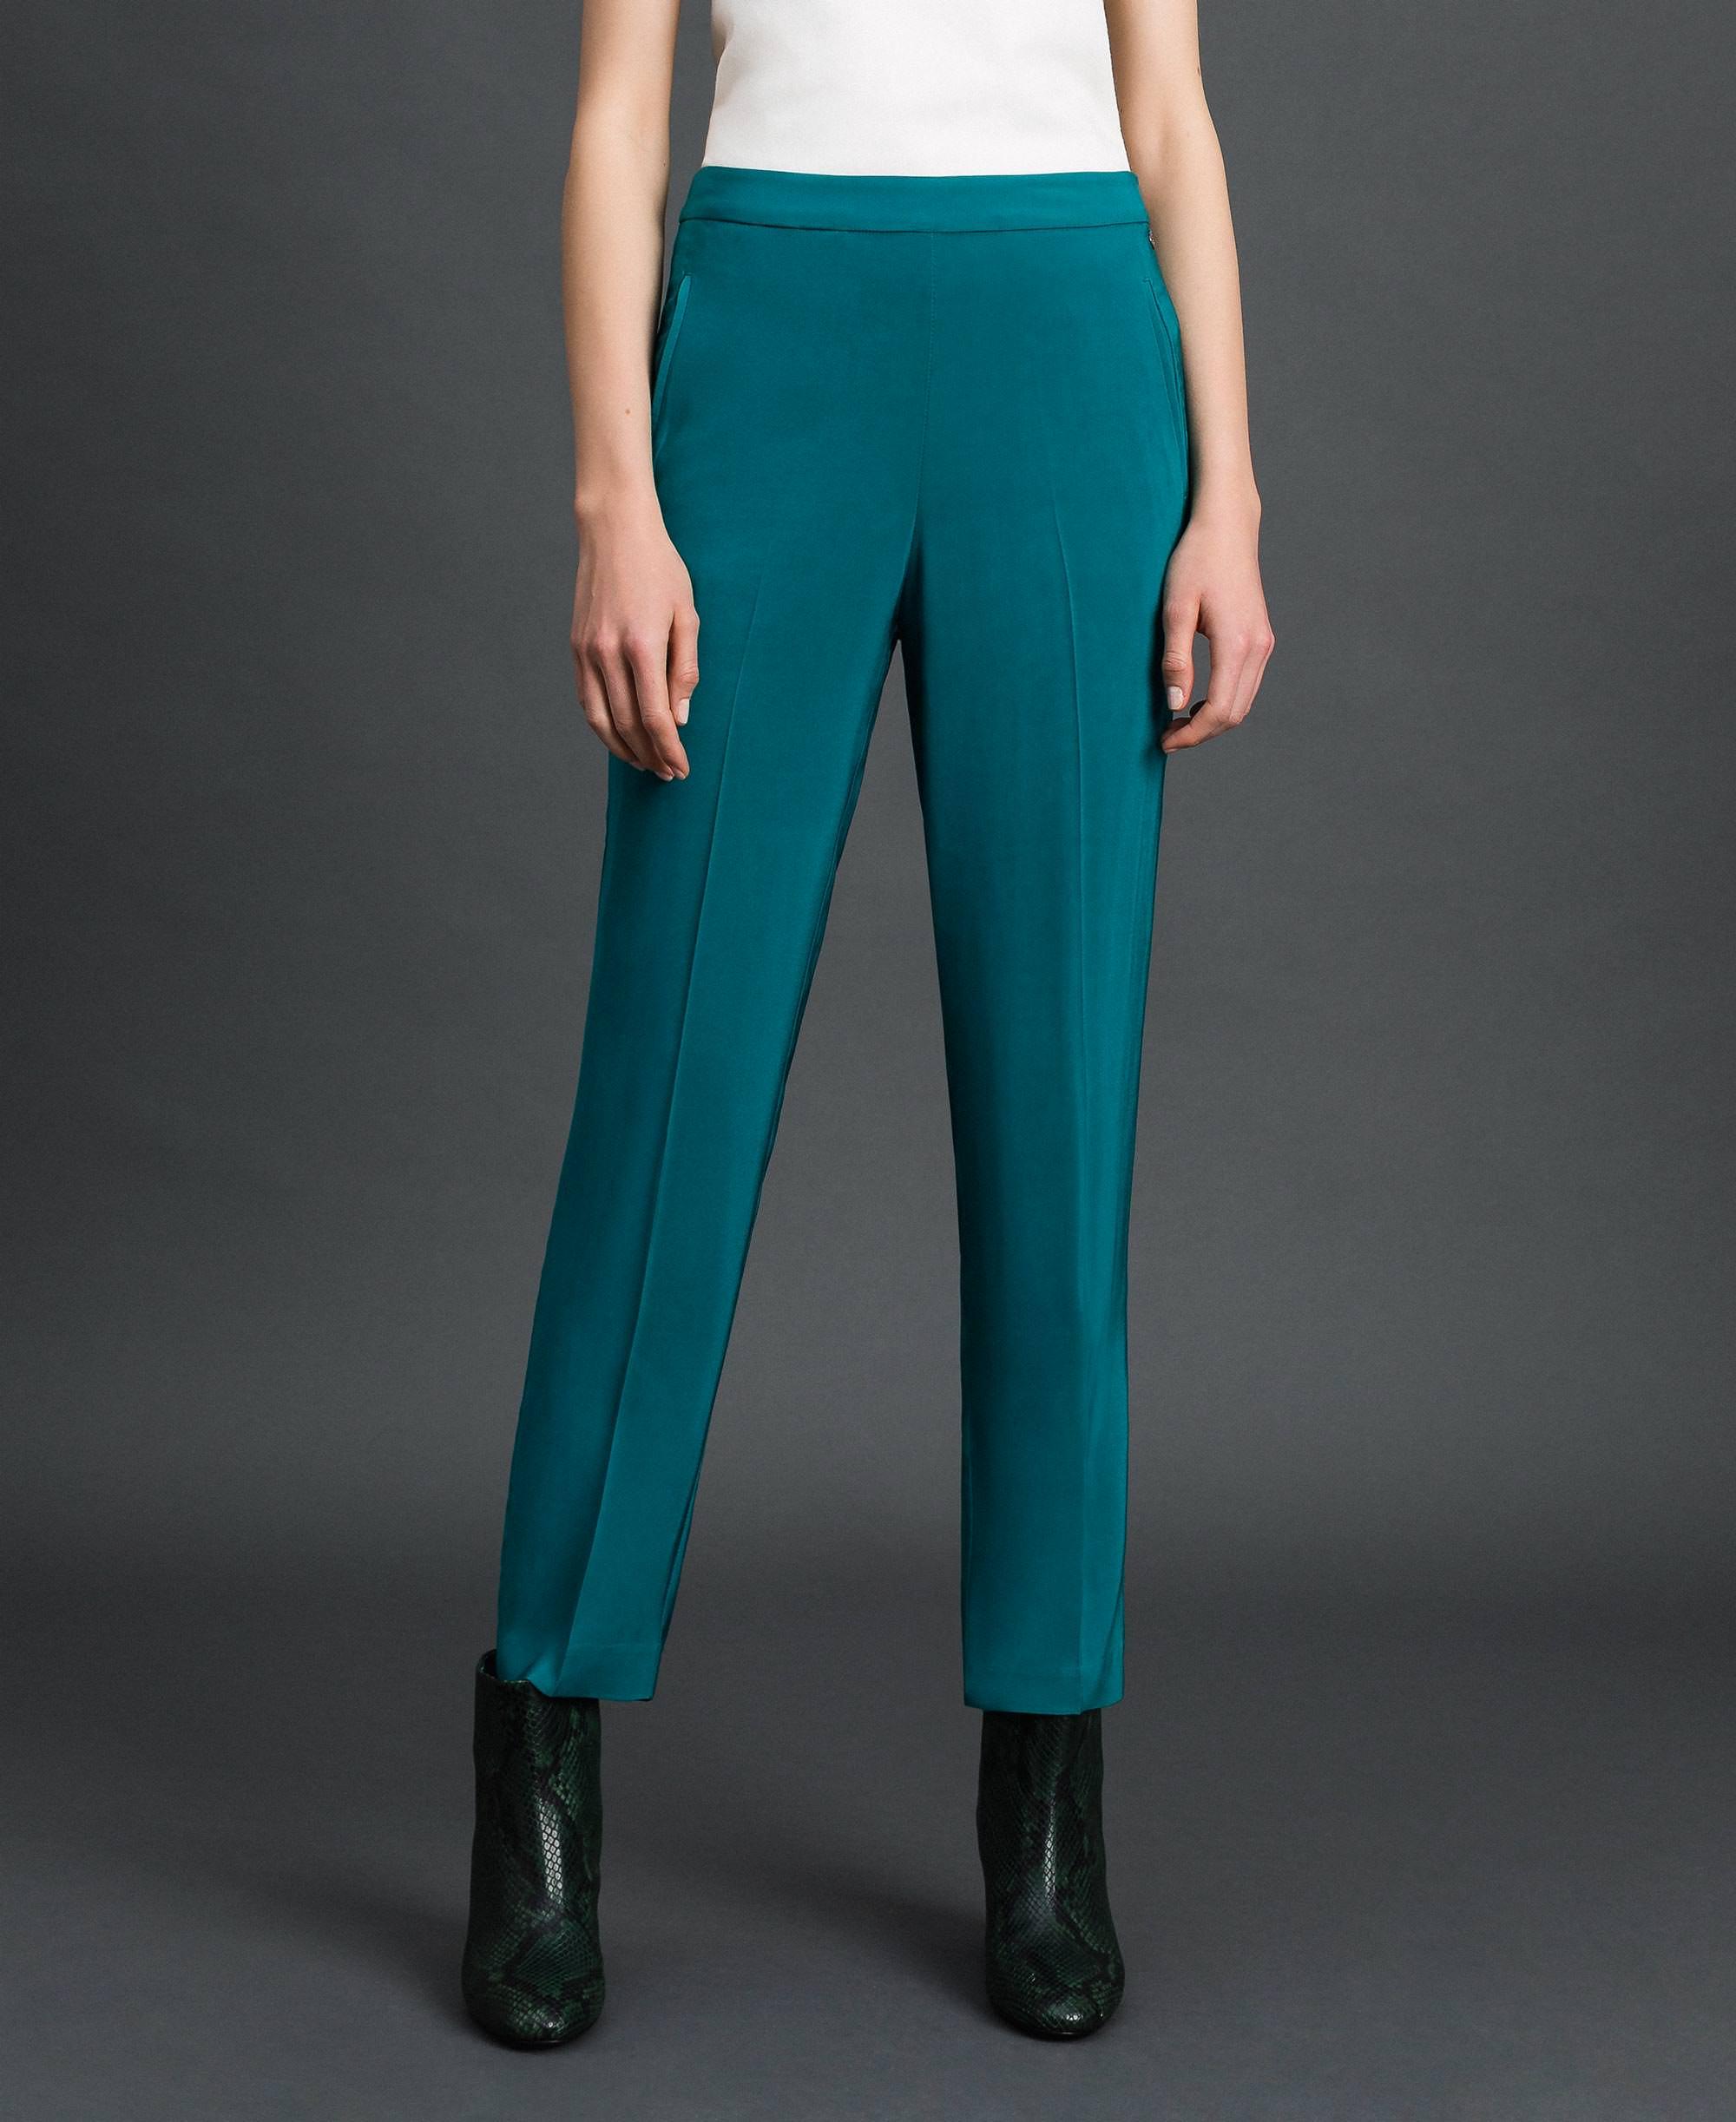 Pantalon Pitillo De Georgette Mujer Verde Twinset Milano